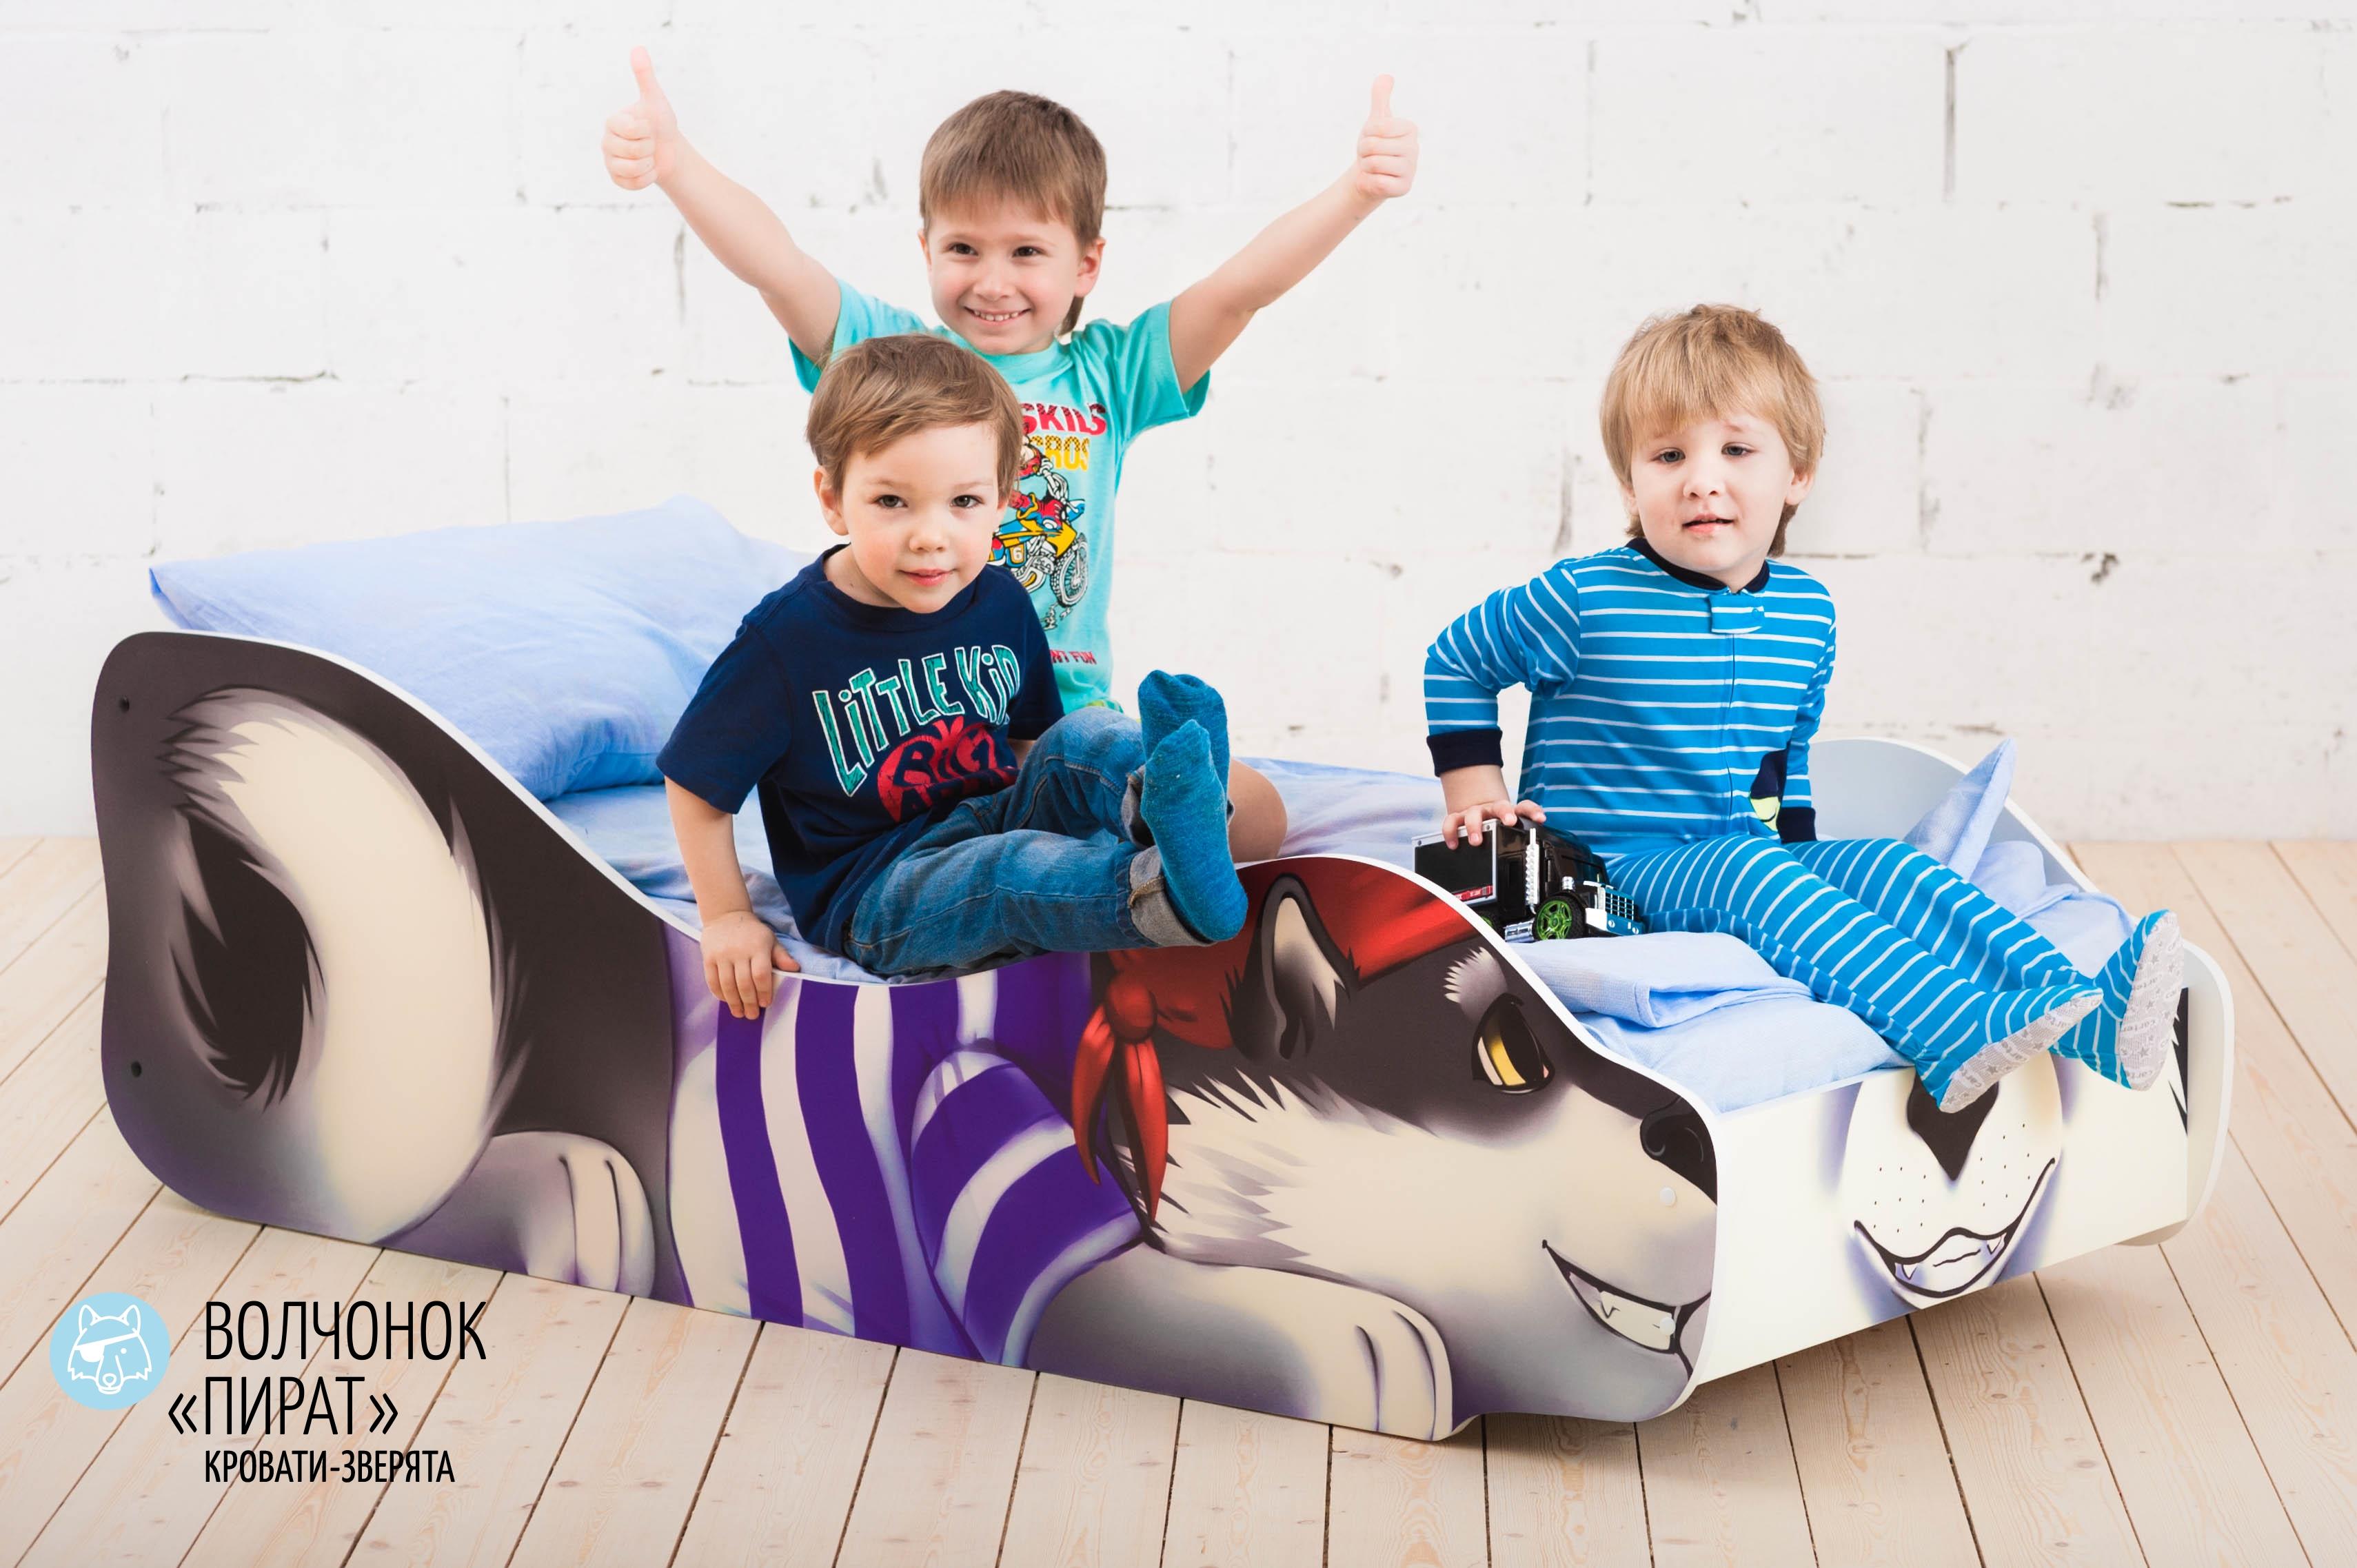 Детская кровать-зверенок -Волчонок-Пират-21